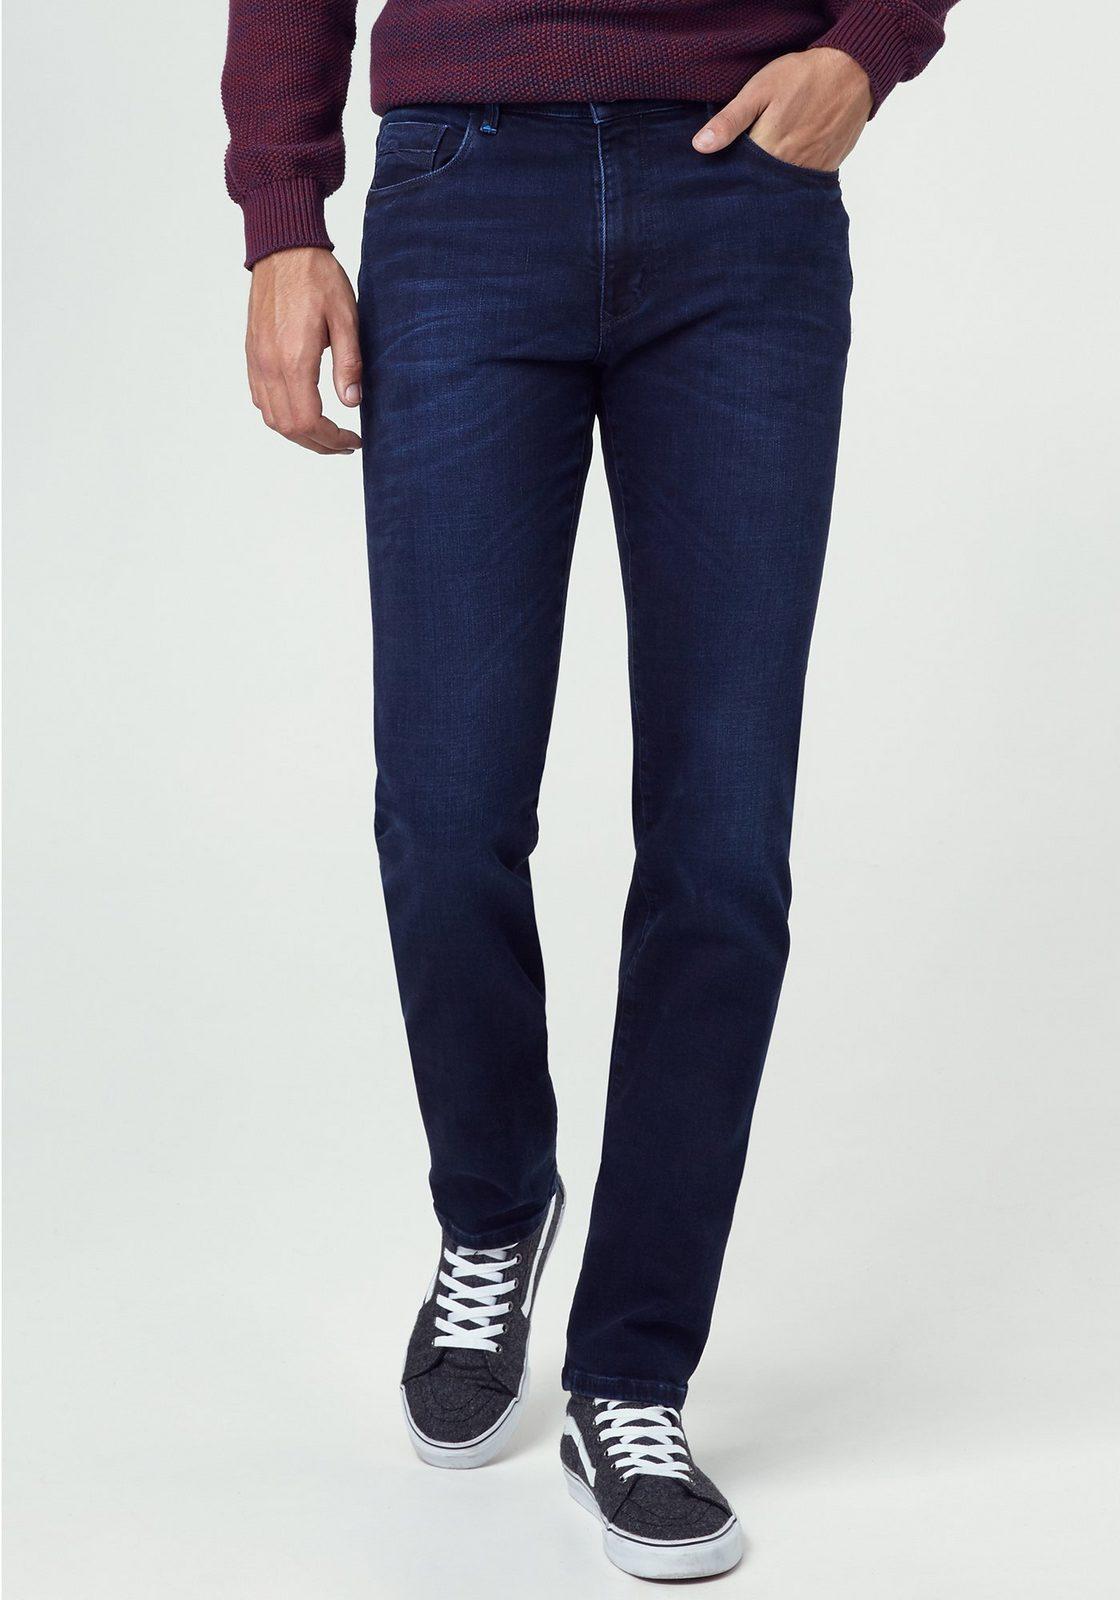 PIONEER Jeans Handcrafted Herren »RANDO« - broschei